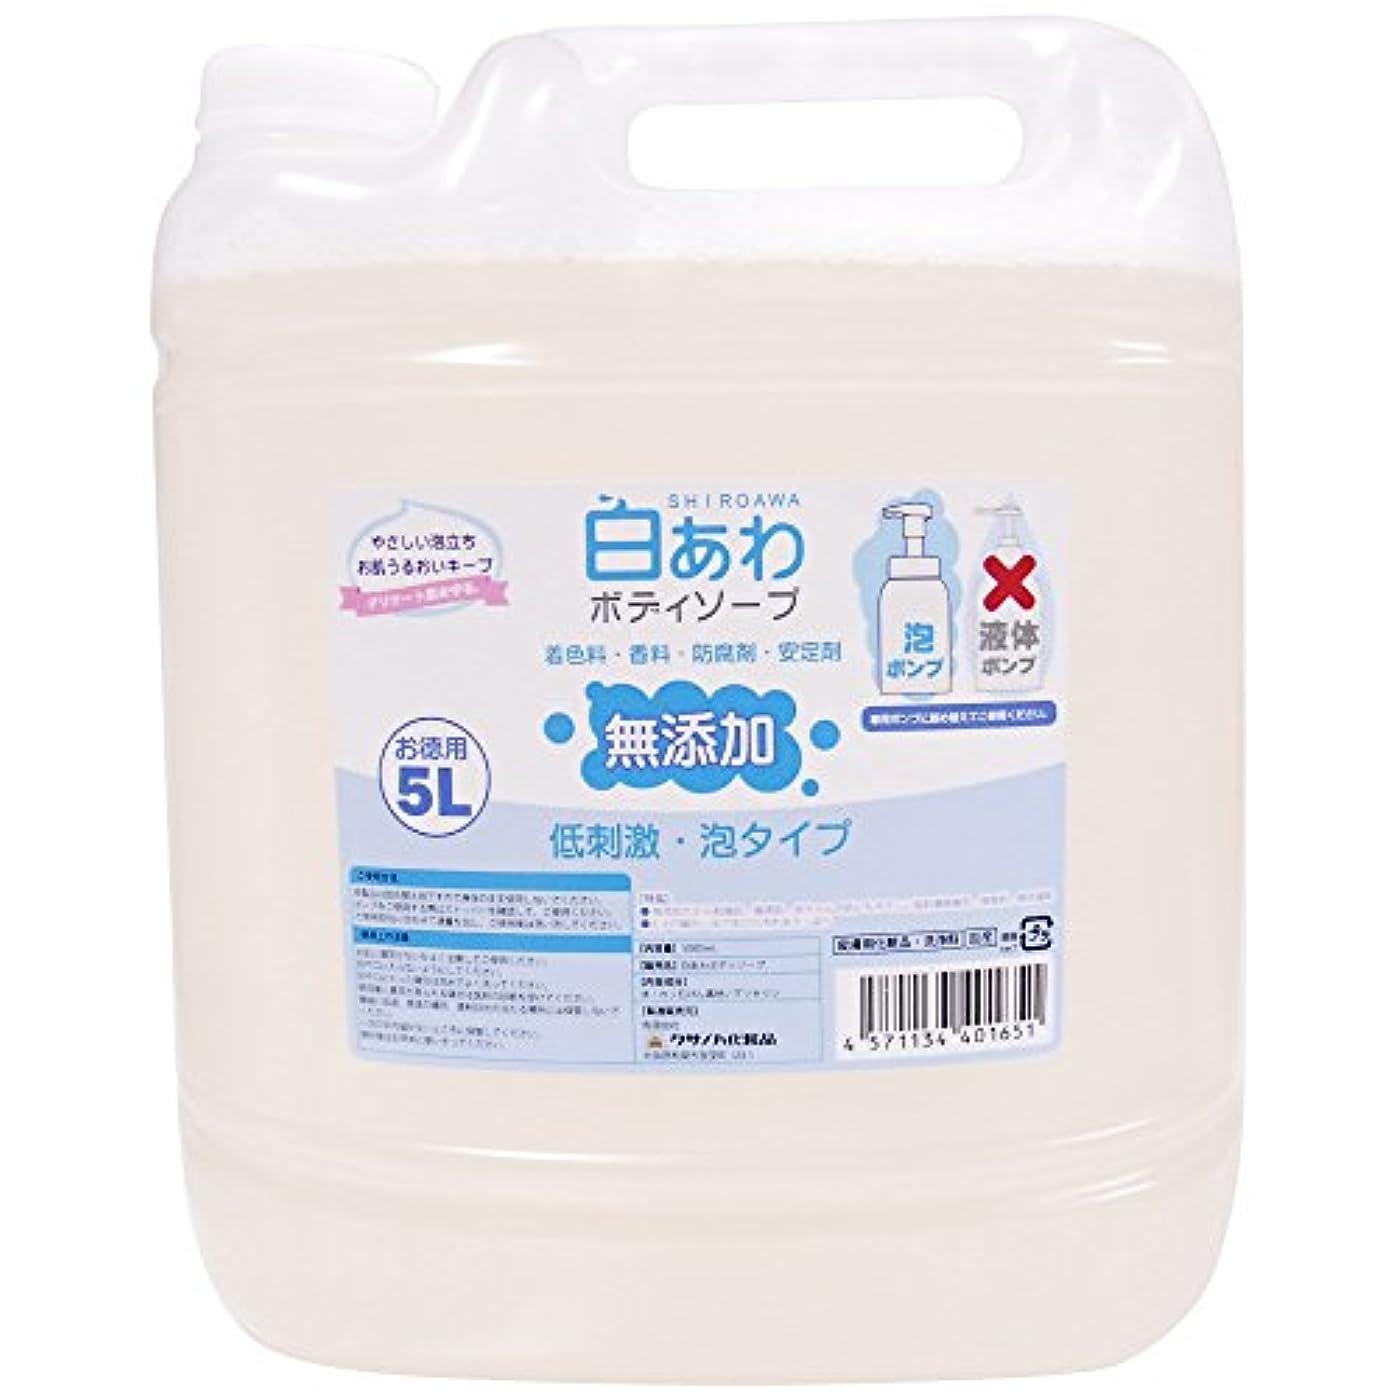 【無添加】白あわボディソープ 詰替用 5L